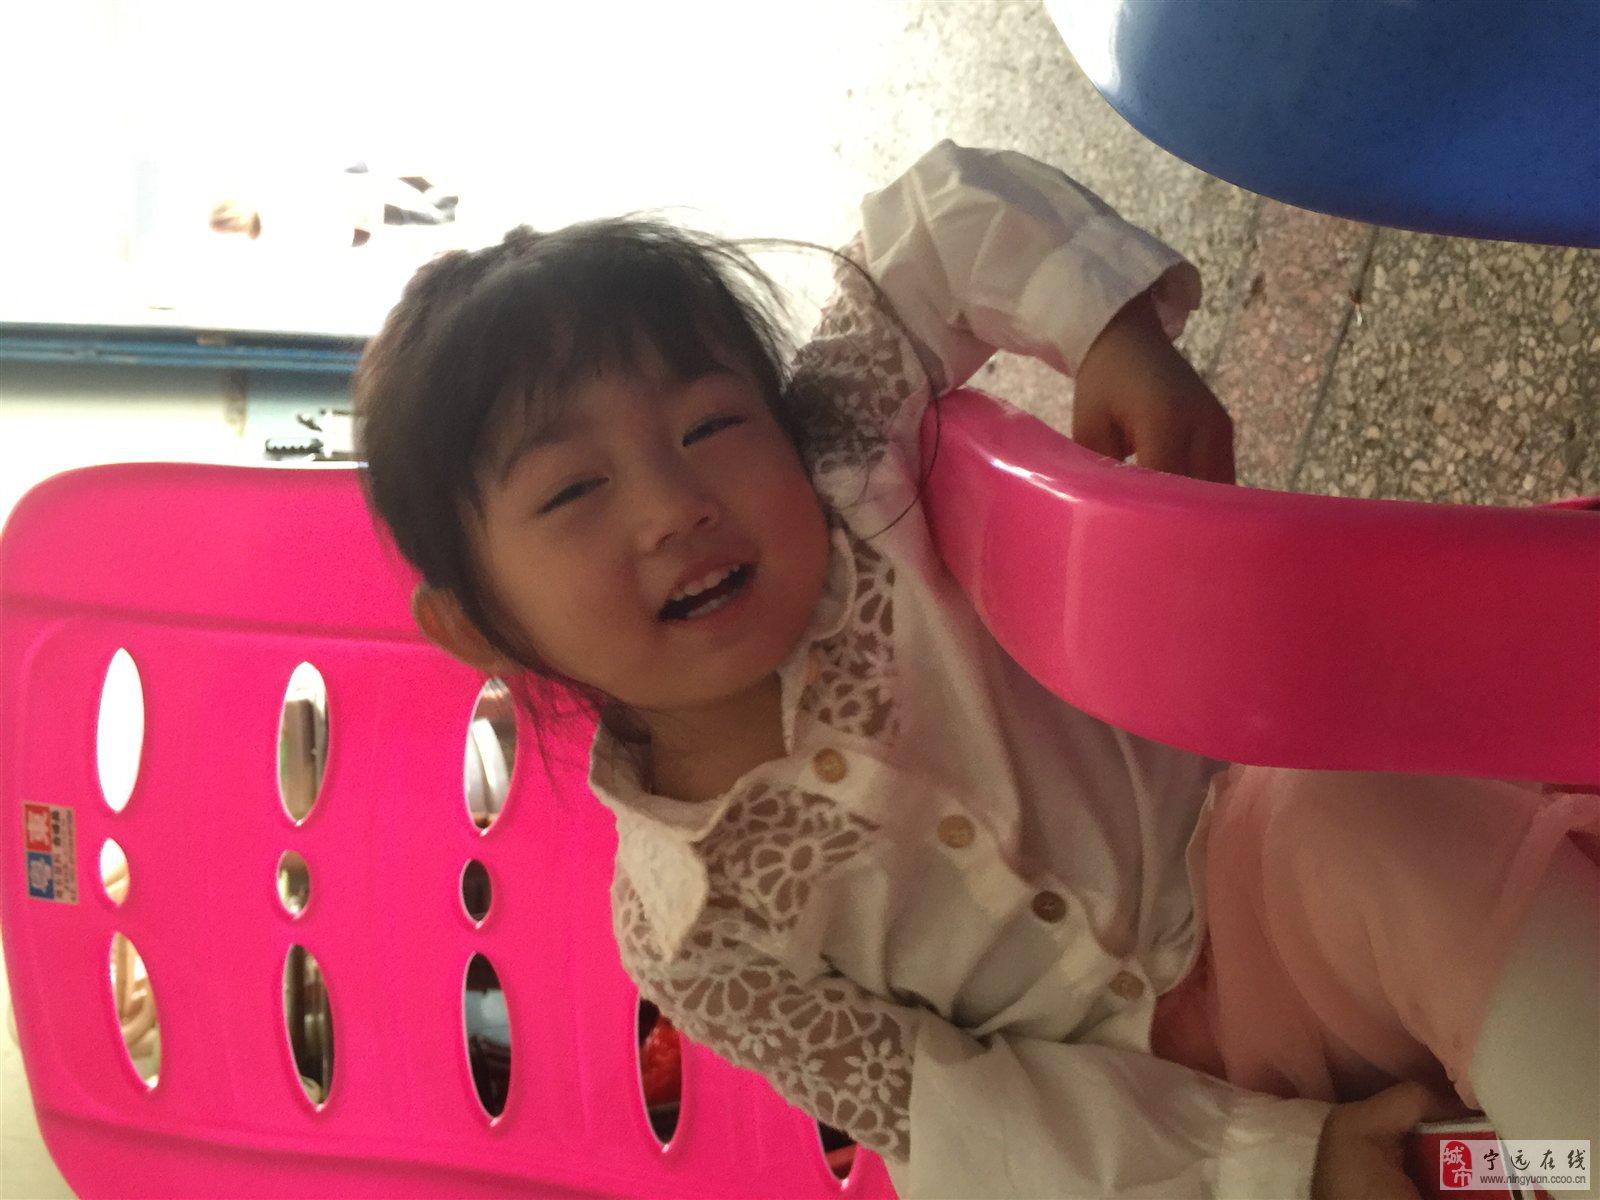 邓晶人体视频_【萌宝秀场】邓晶 女宝 2012-09-13出生